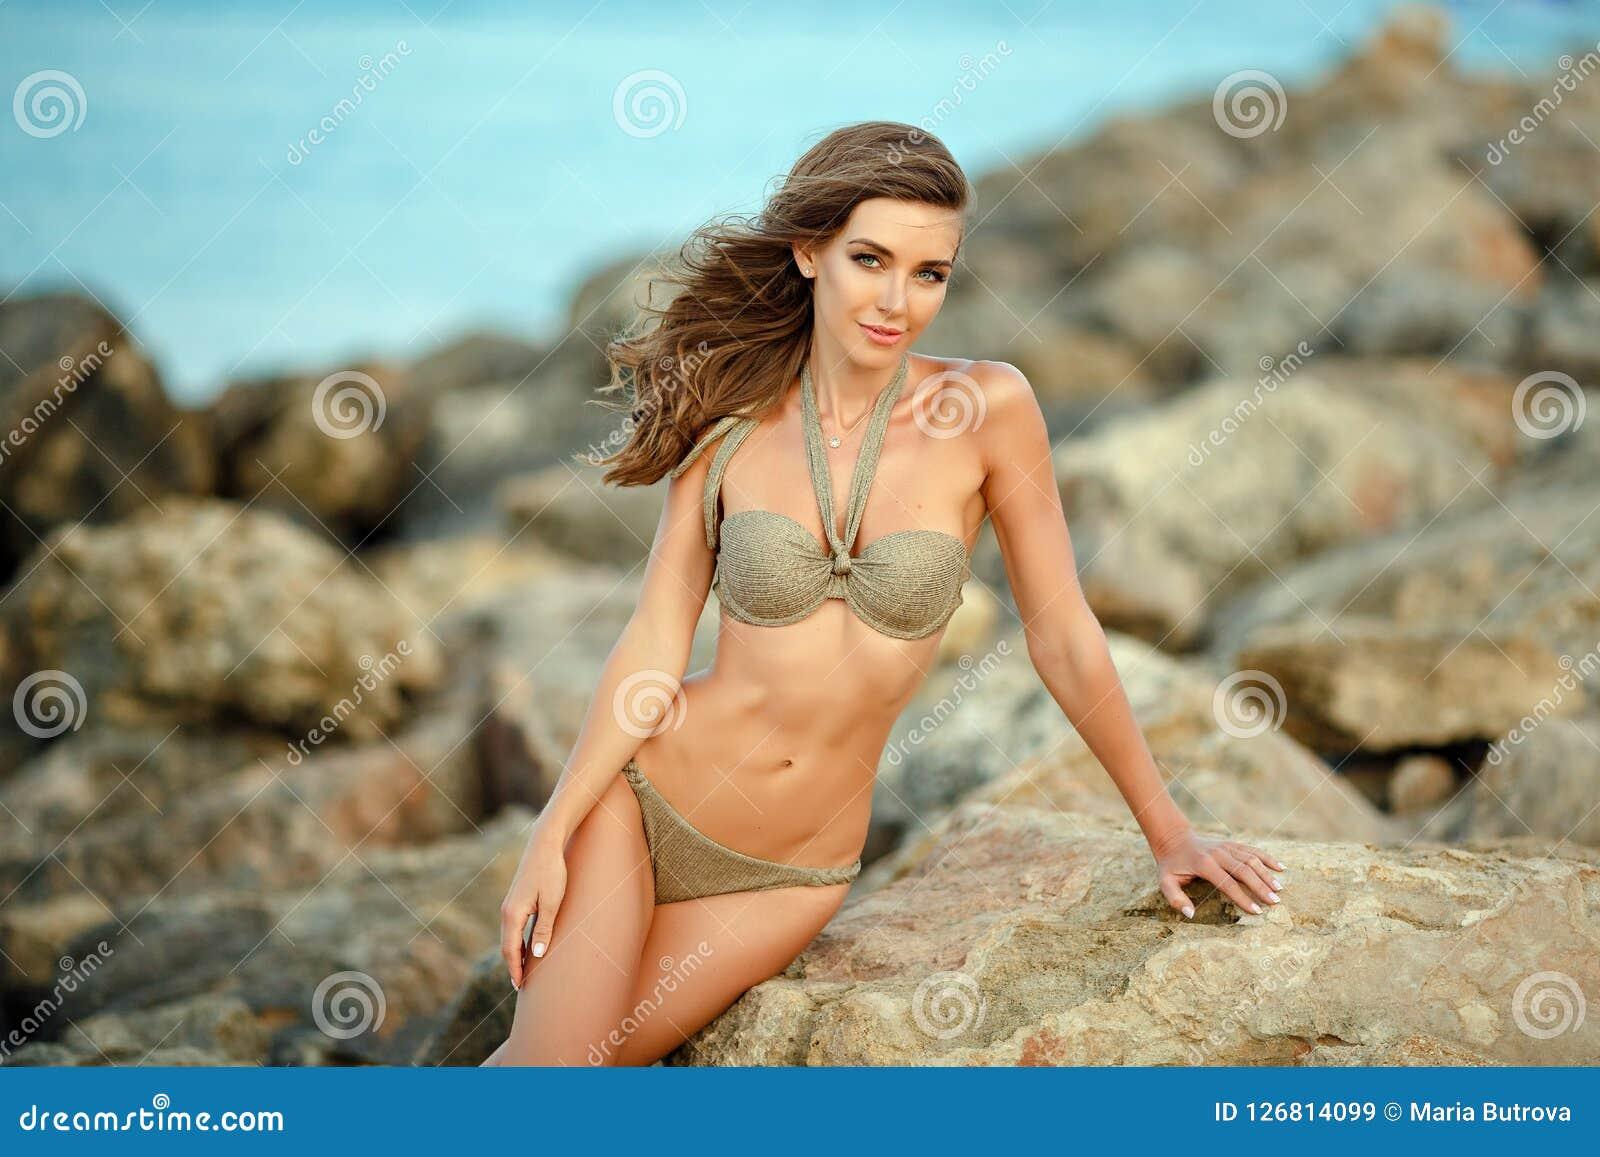 Красивая сексуальная девушка, российские девушки видео голые